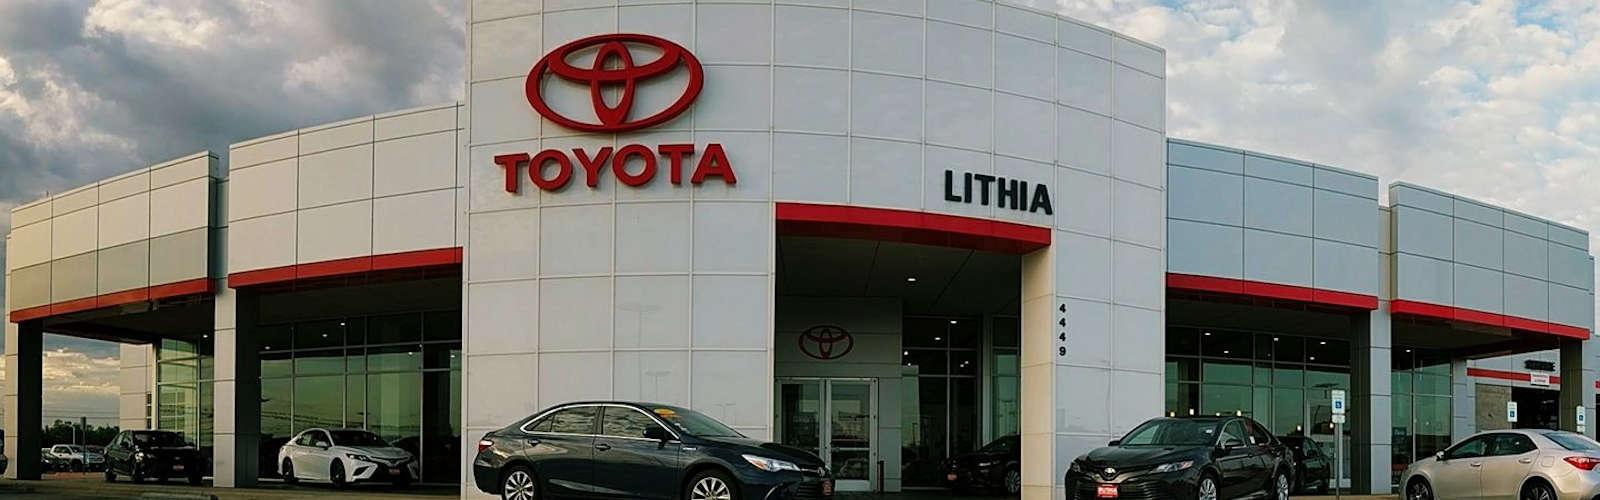 Lithia Toyota of Abilene in Texas